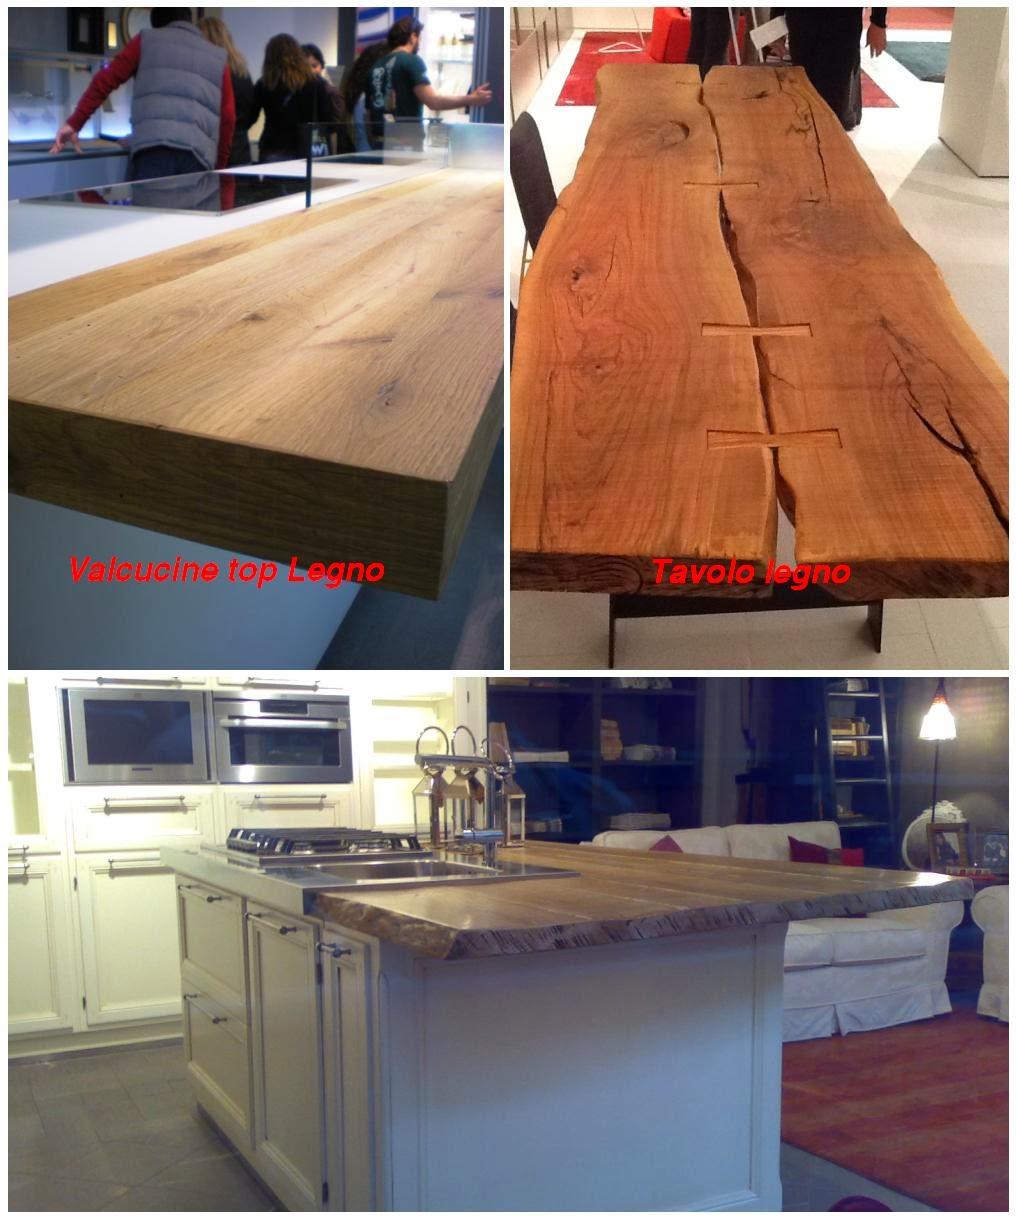 La casa rosso papavero i miei preferiti - Tavolo legno grezzo ikea ...